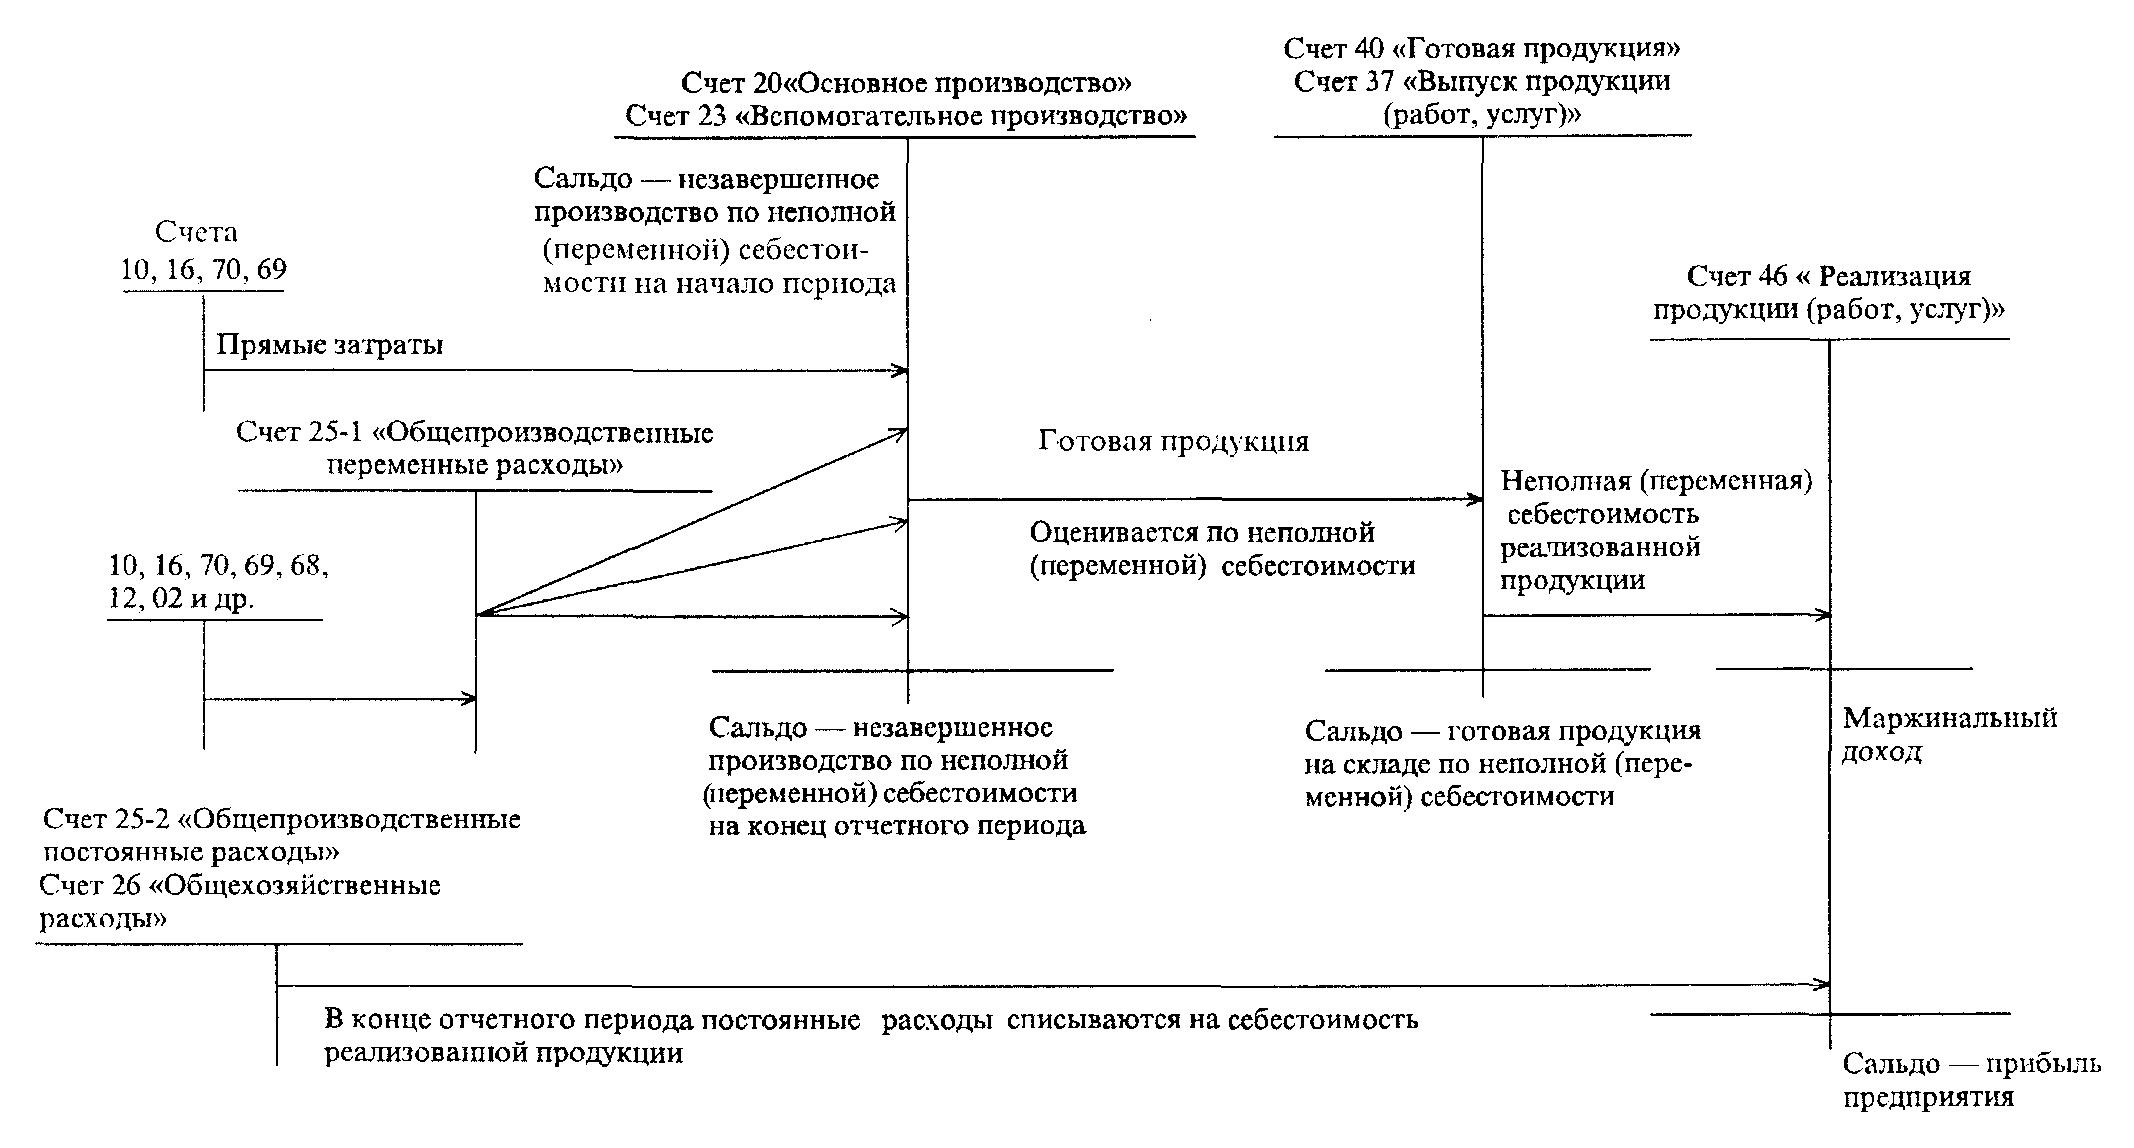 Котловой метод учета затрат